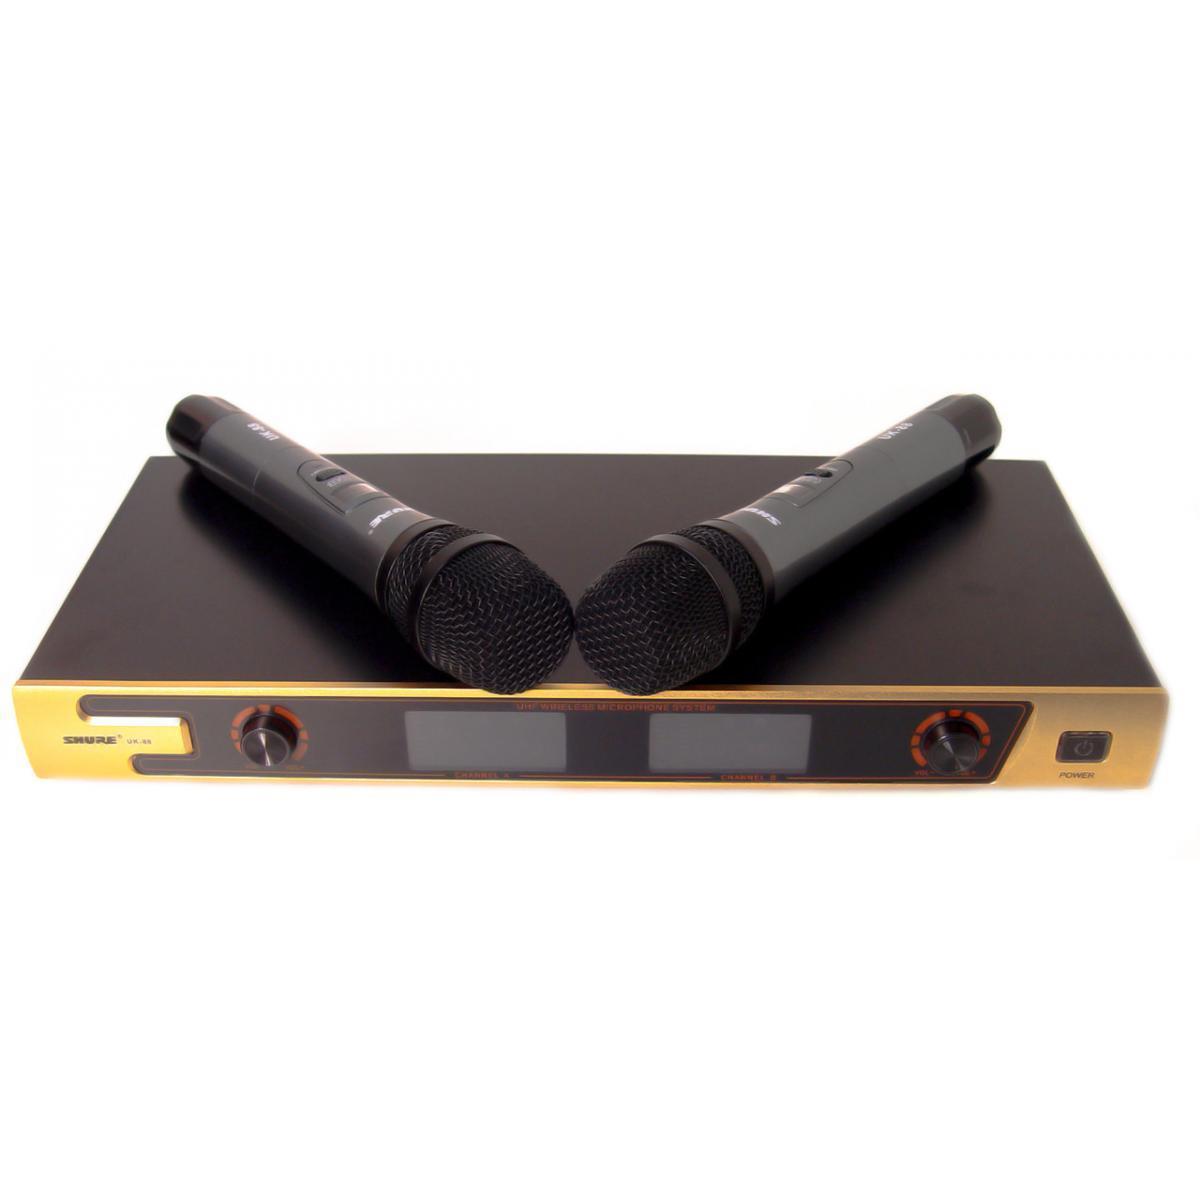 Ручной беспроводной радиомикрофон Shure UK-88, профессиональная радио система база с двумя беспроводными микро